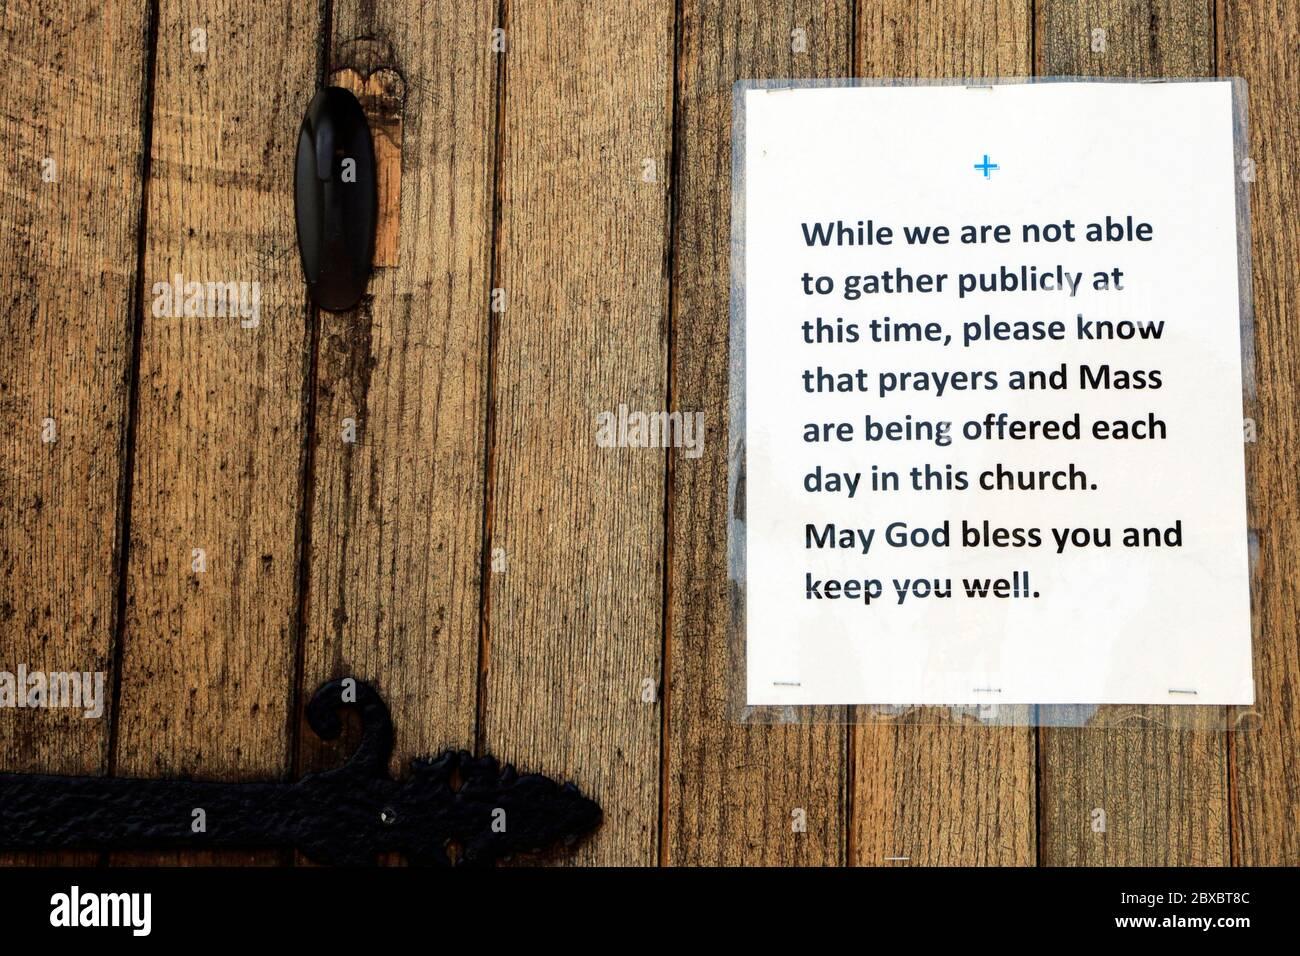 Eine Kirchentür, die darauf hinweist, dass sie aufgrund von Covid-19 für ihre Gemeindemitglieder geschlossen ist. Ein Edikt der Regierung von New Jersey Verbot die Messe für die Massen. Stockfoto